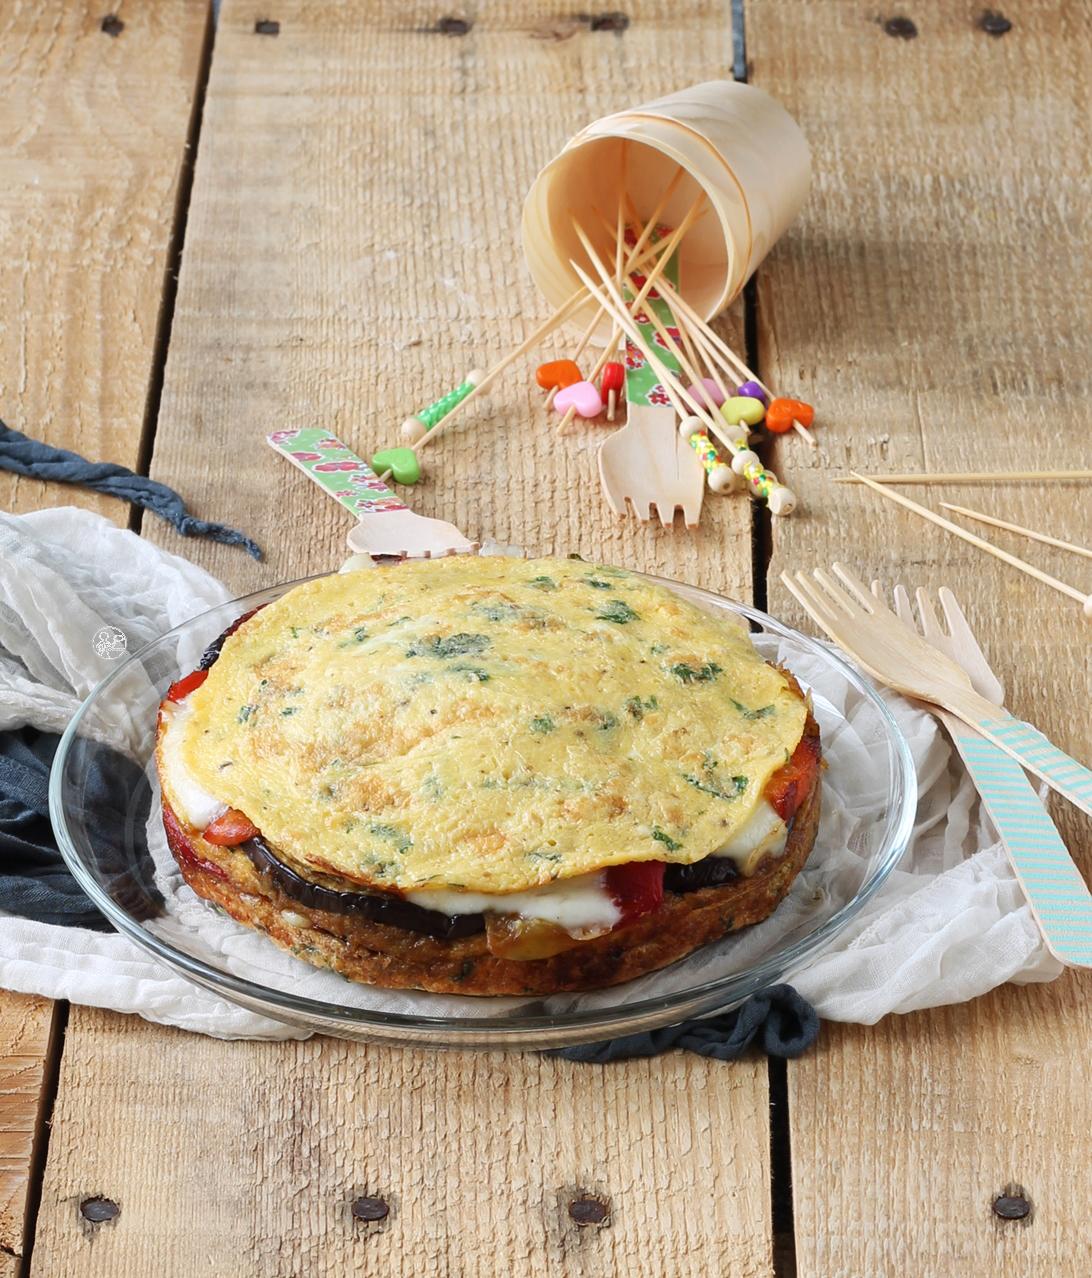 Torta di frittata e verdure - La Cassata Celiaca